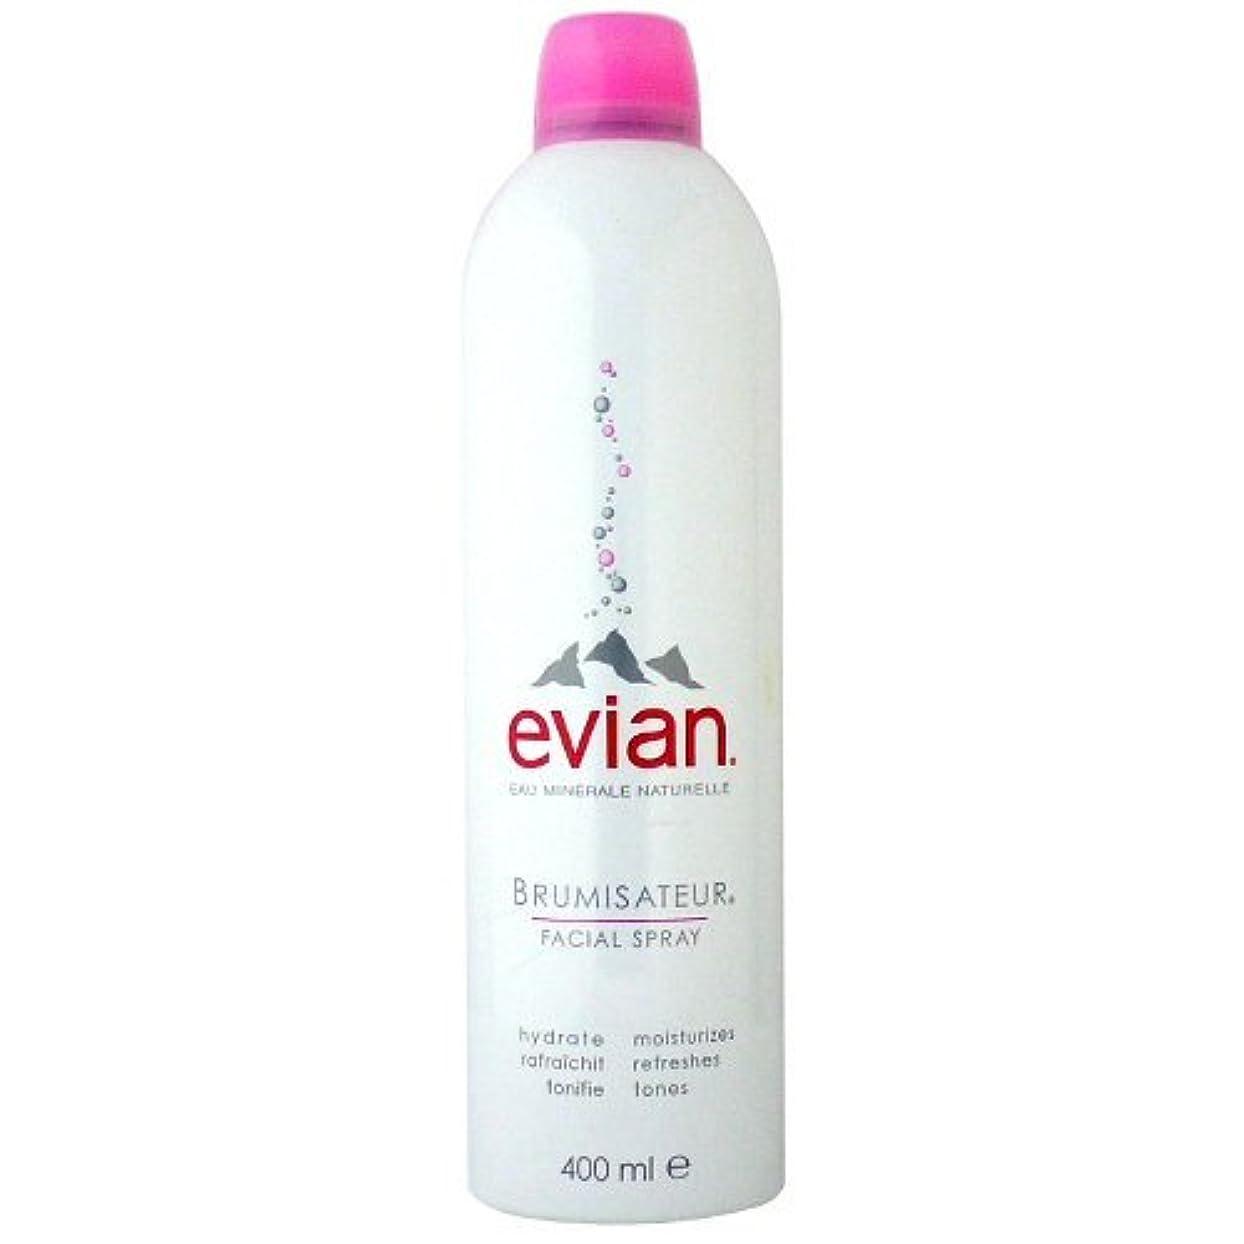 小さい残酷な終わらせるエビアン(evian) ブルミザトワール (化粧水) 400ml[並行輸入品]